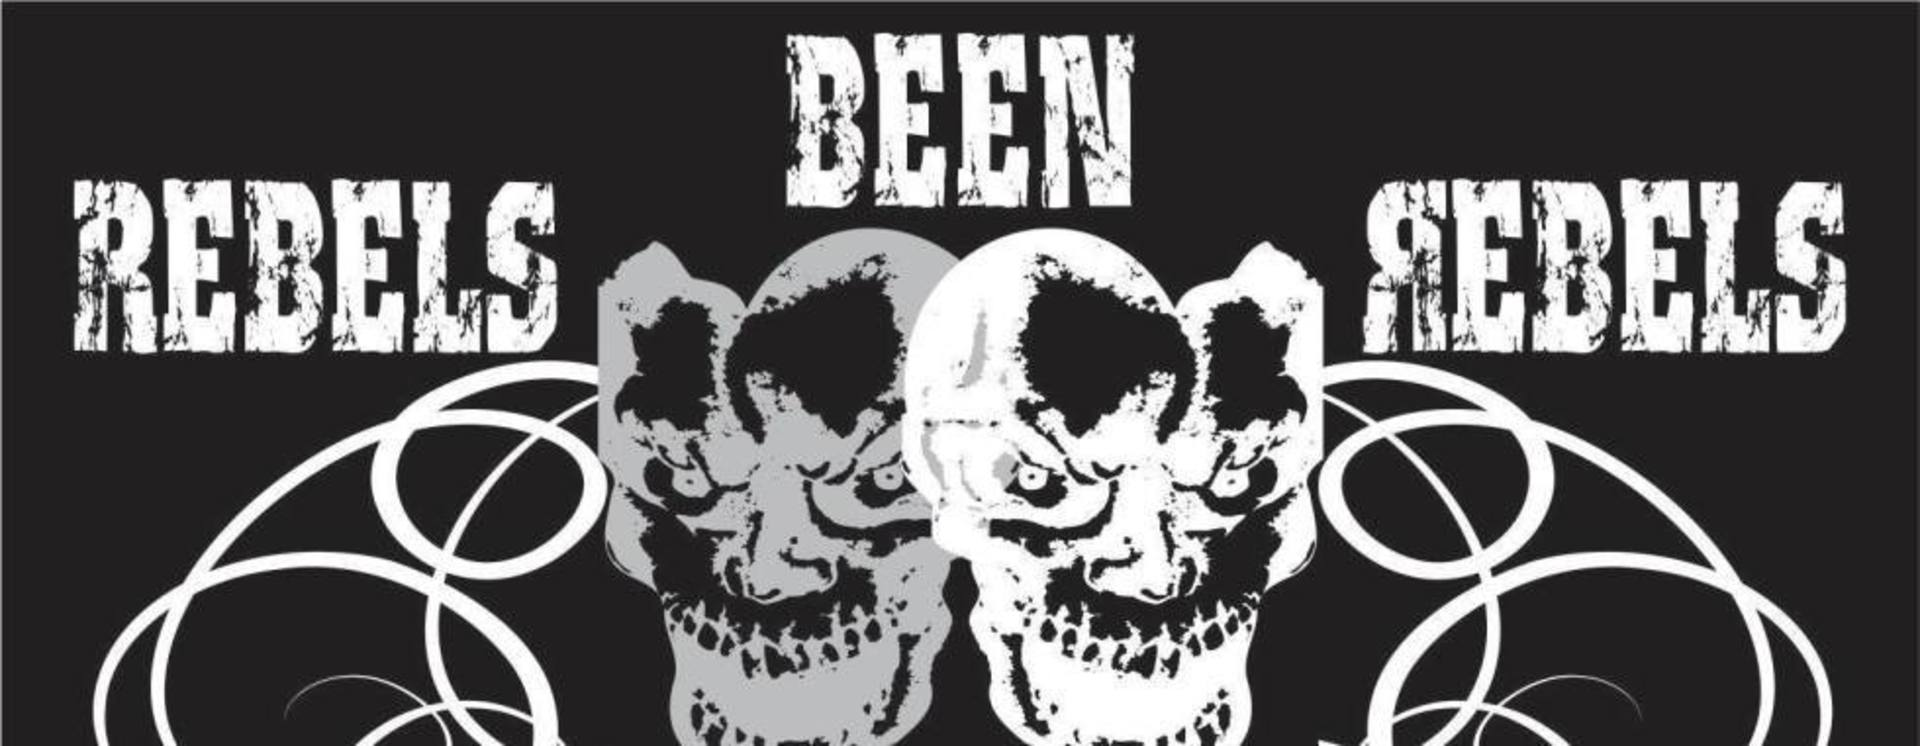 Rebels new logo 2014 copy